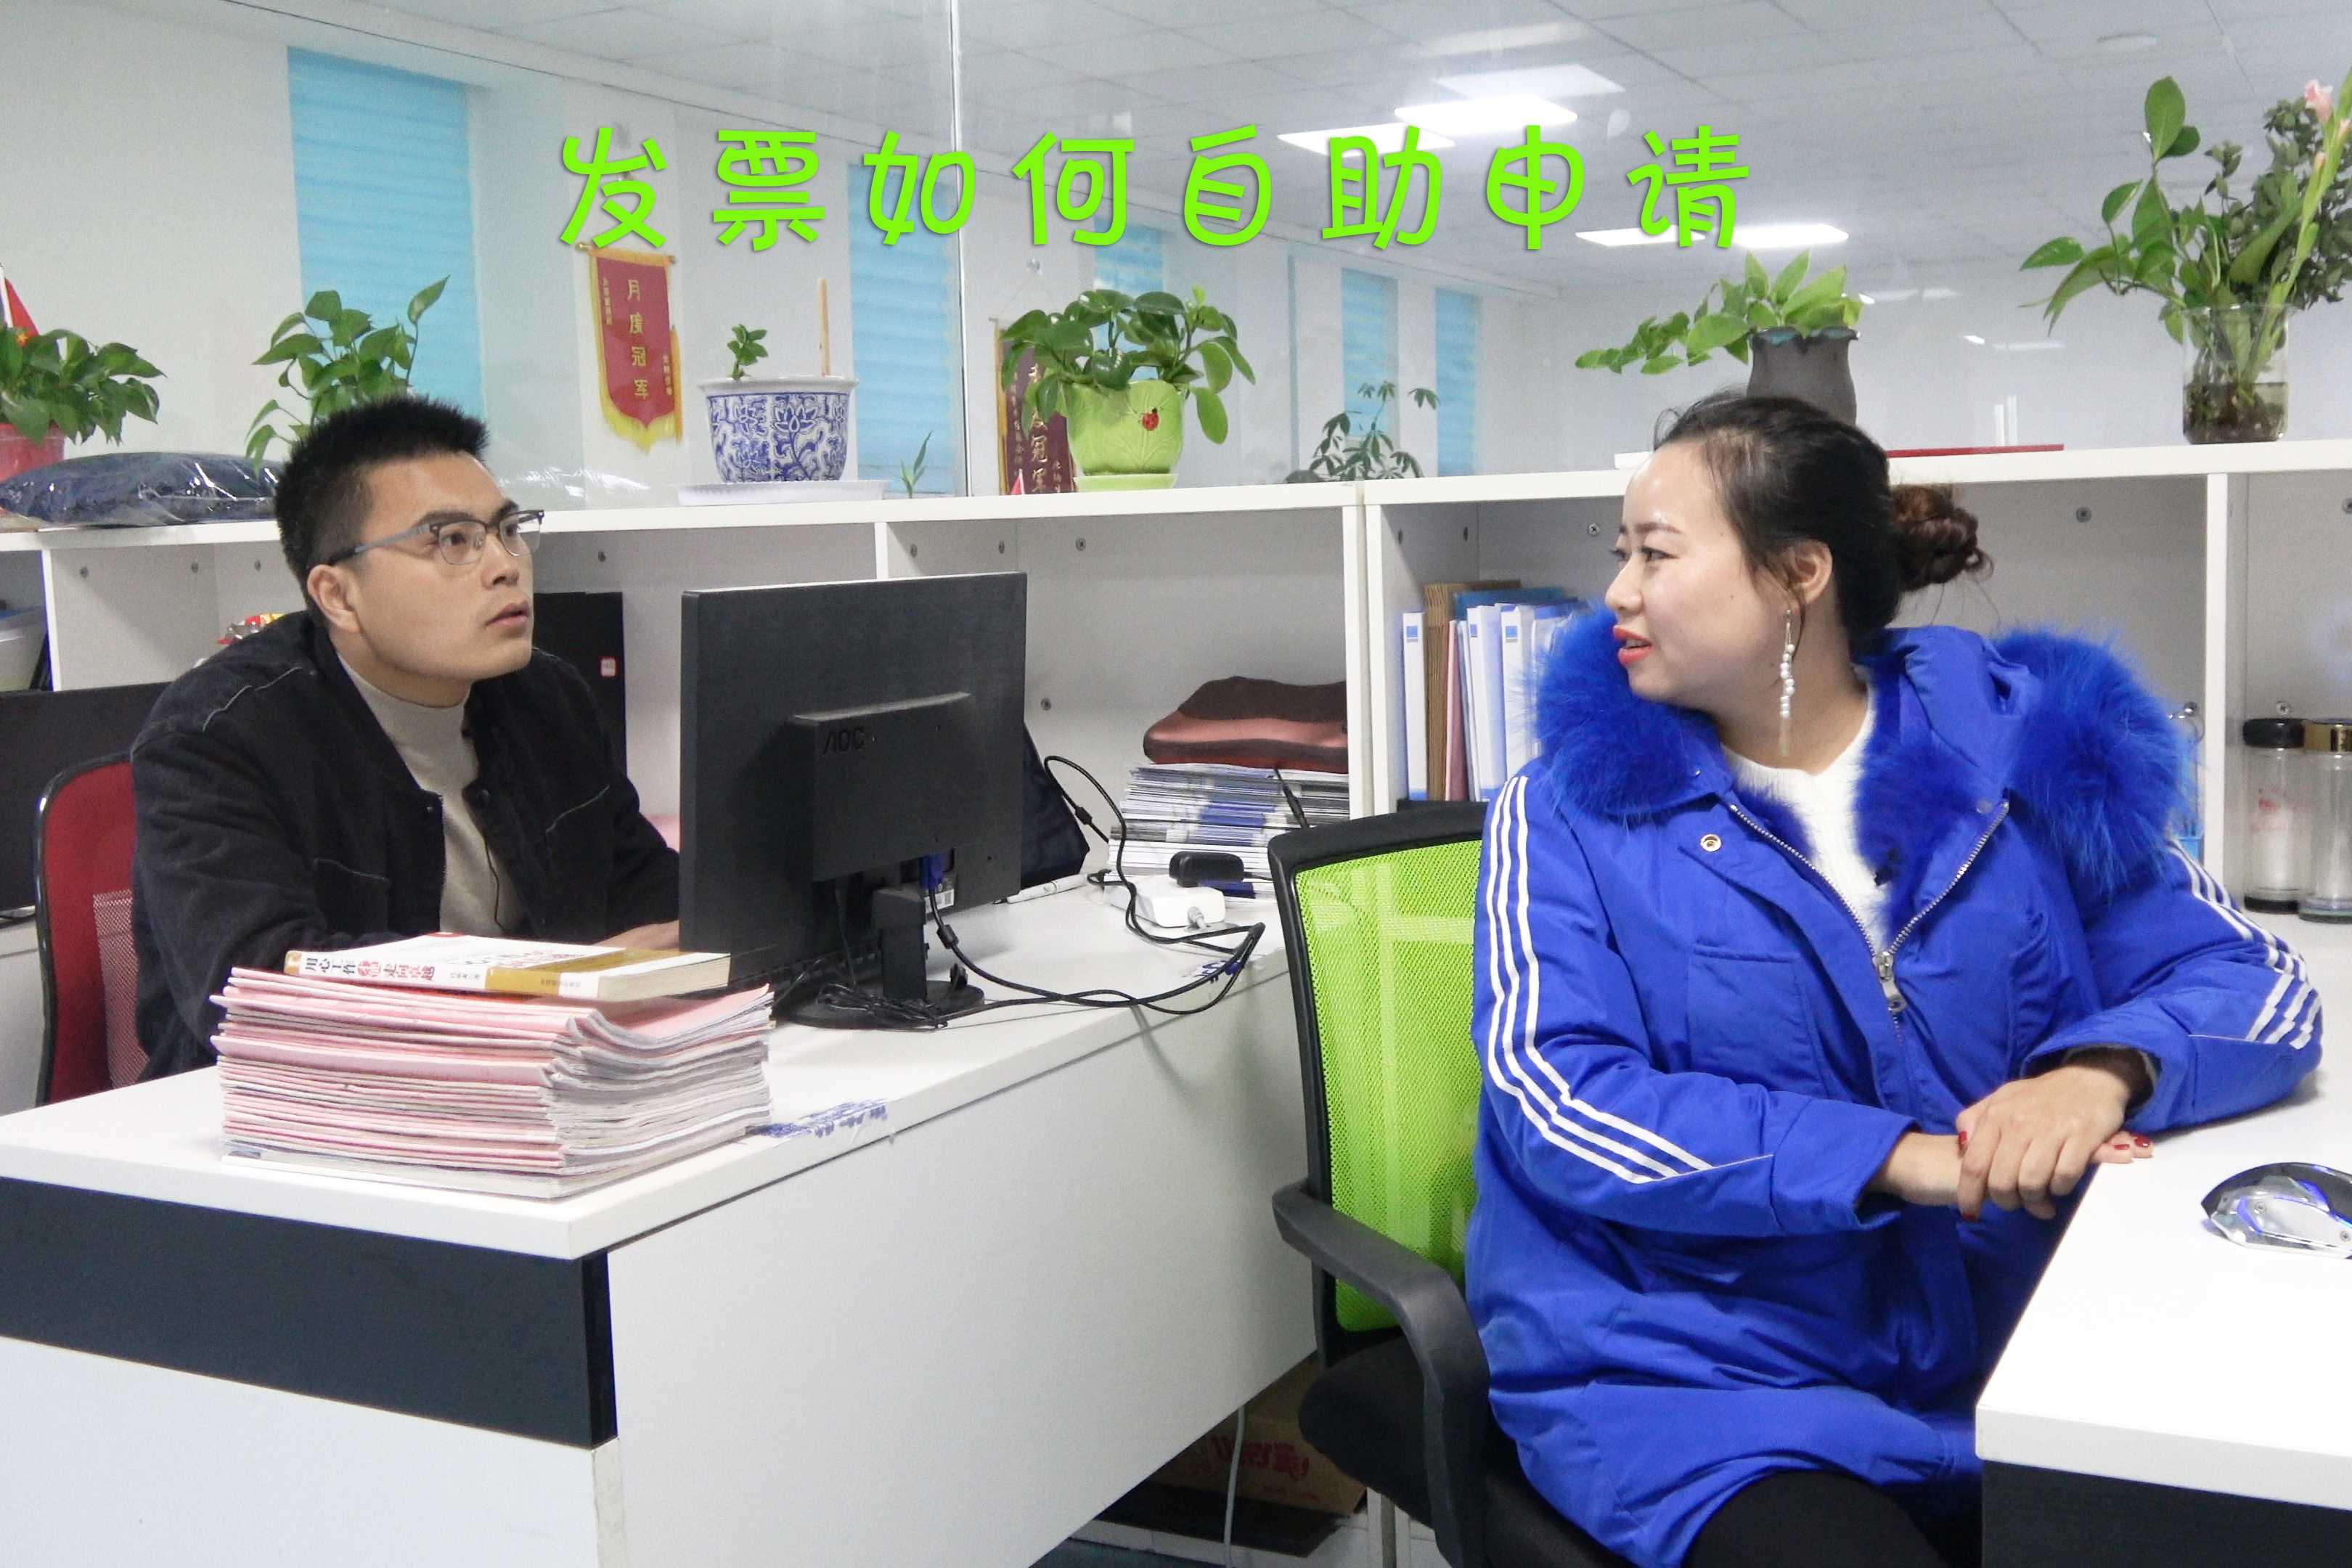 GET北纳新技能第二话【发票自助申请】-www.biaowu.com